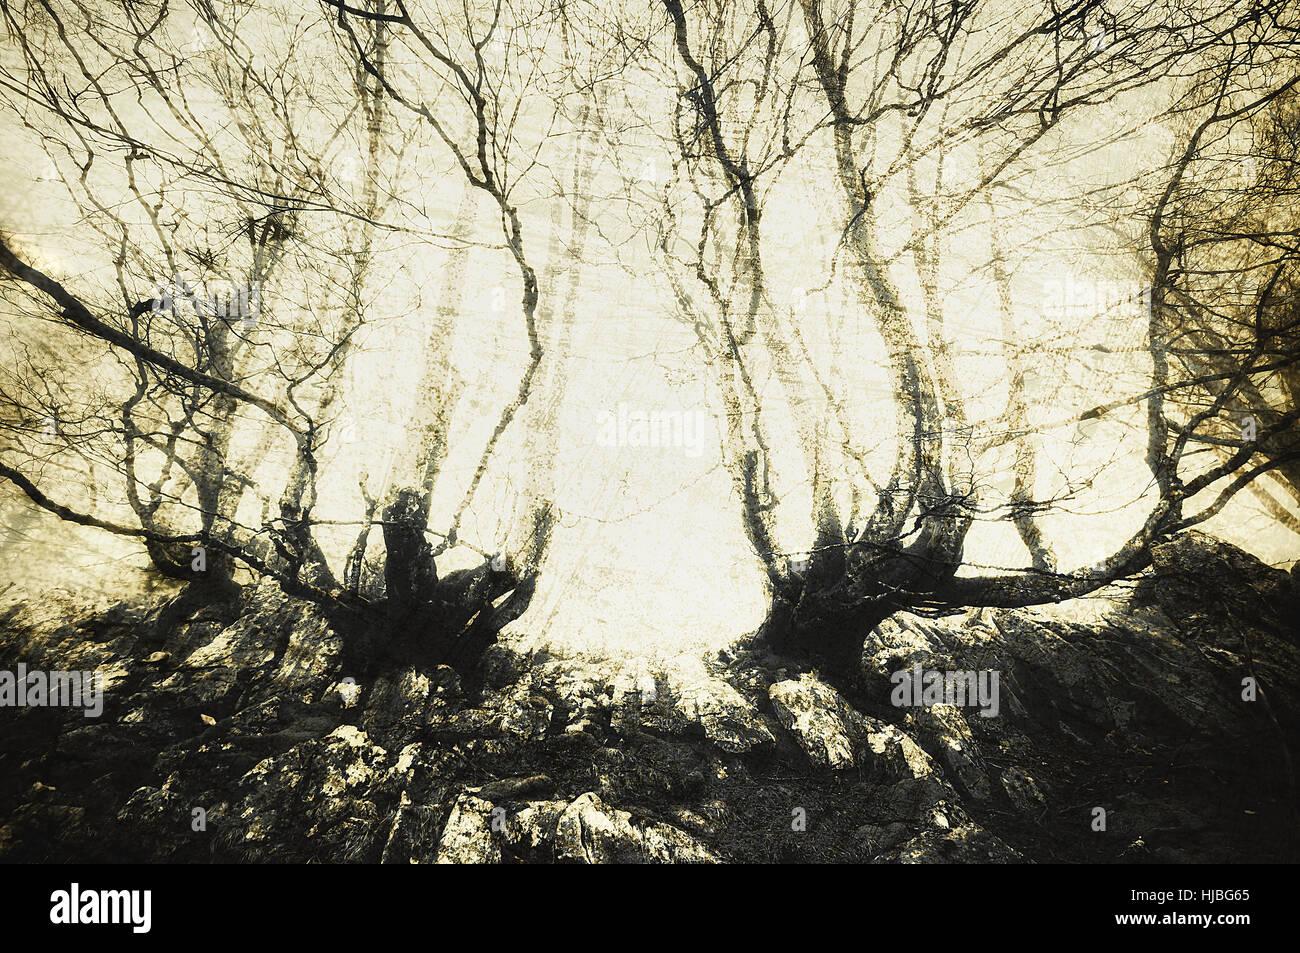 Scary bosque con árboles escalofriante Foto de stock